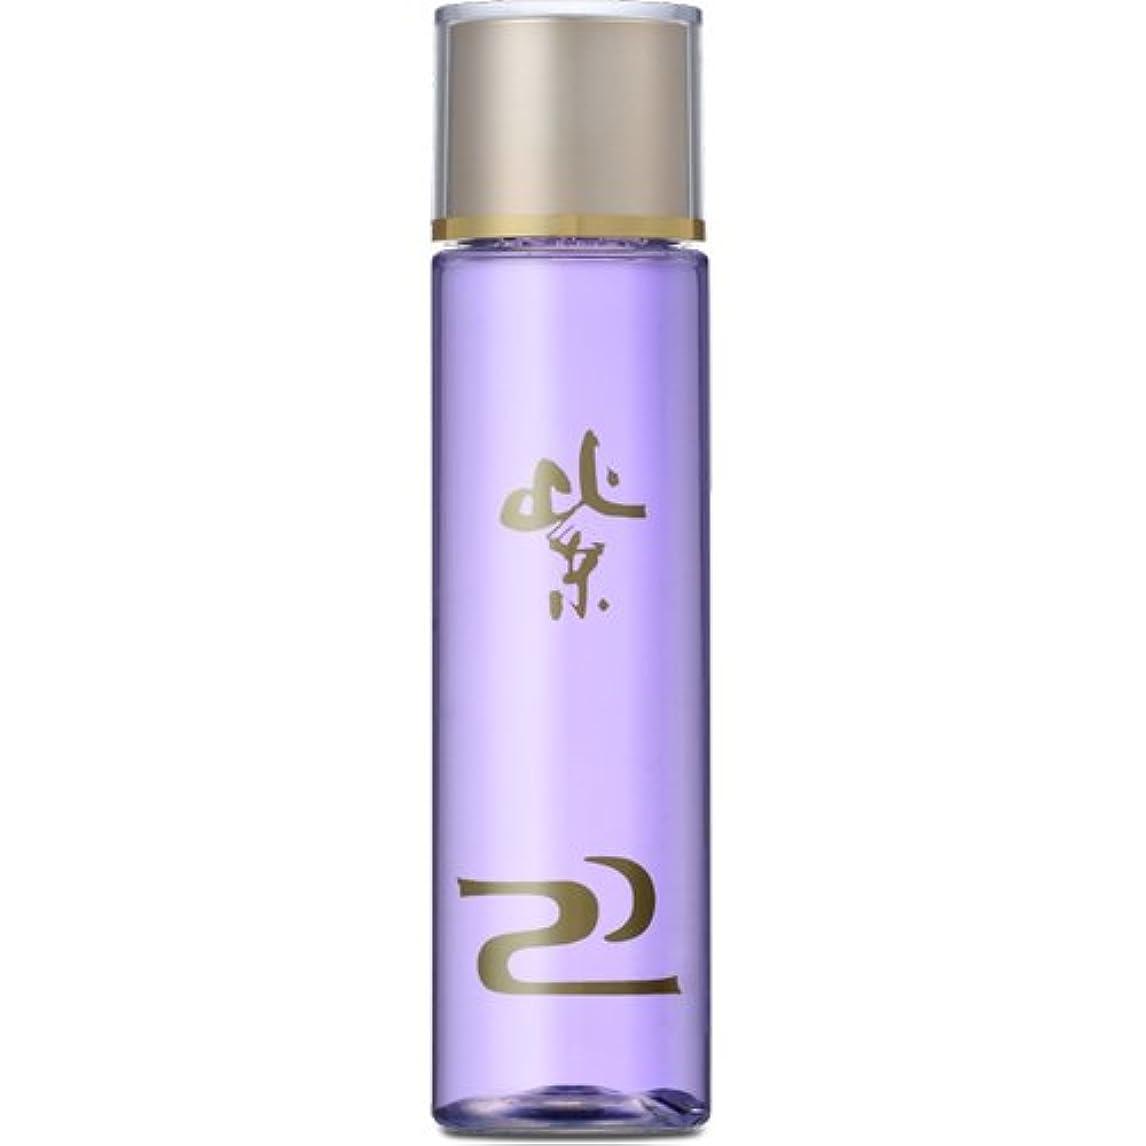 紳士スペイン語ひどいホワイトリリー WL紫 120mL 化粧水